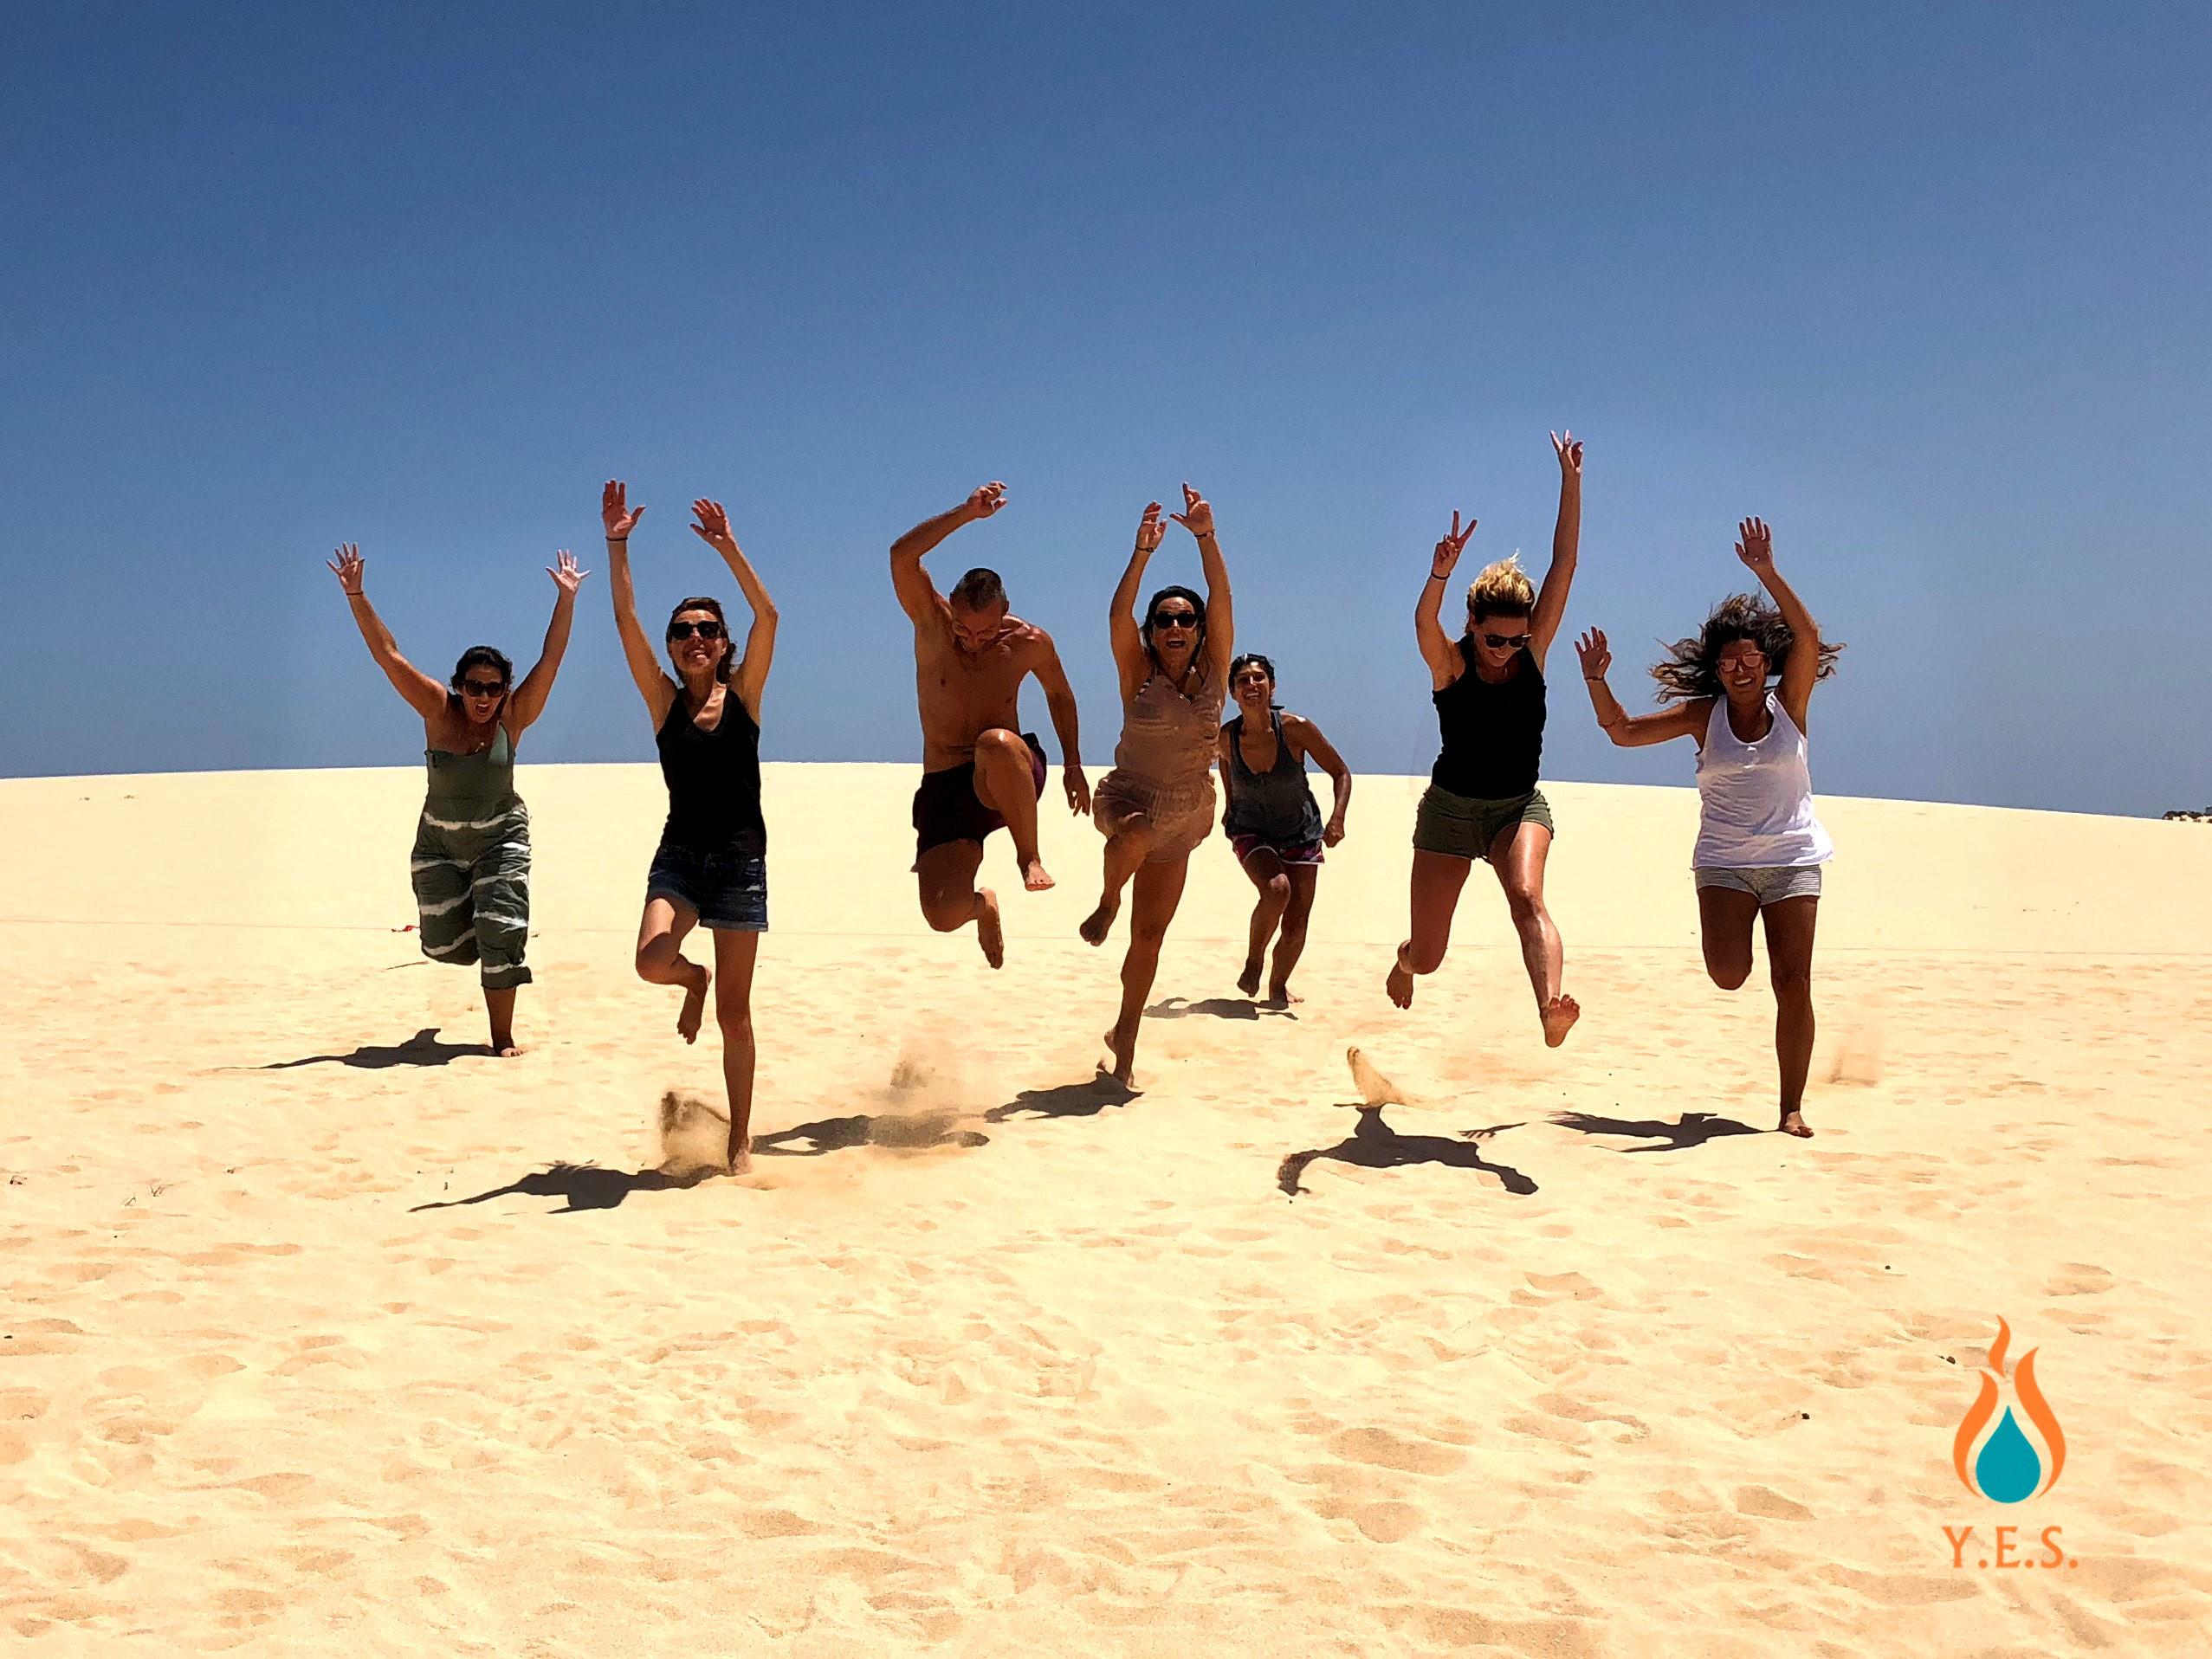 Yoga Evolution School - Retiros de Yoga, Formación de profesores de Yoga y Meditación